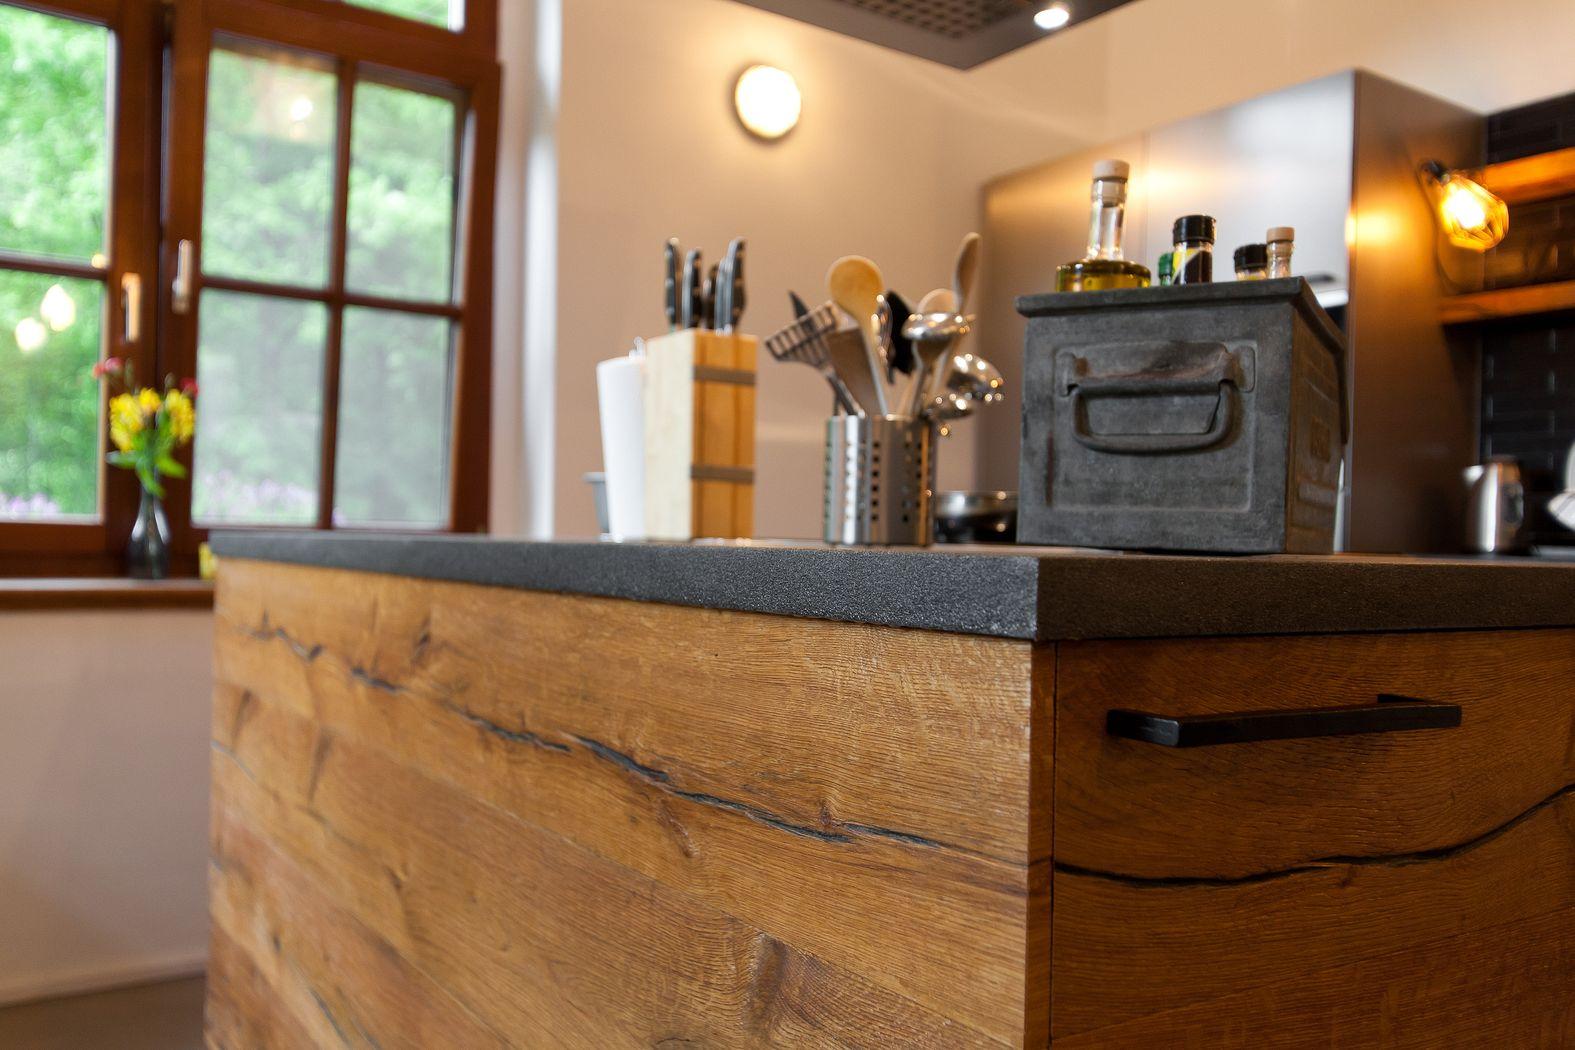 Küche: Wenn Landhausstil auf Moderne trifft - Küchenhaus ...